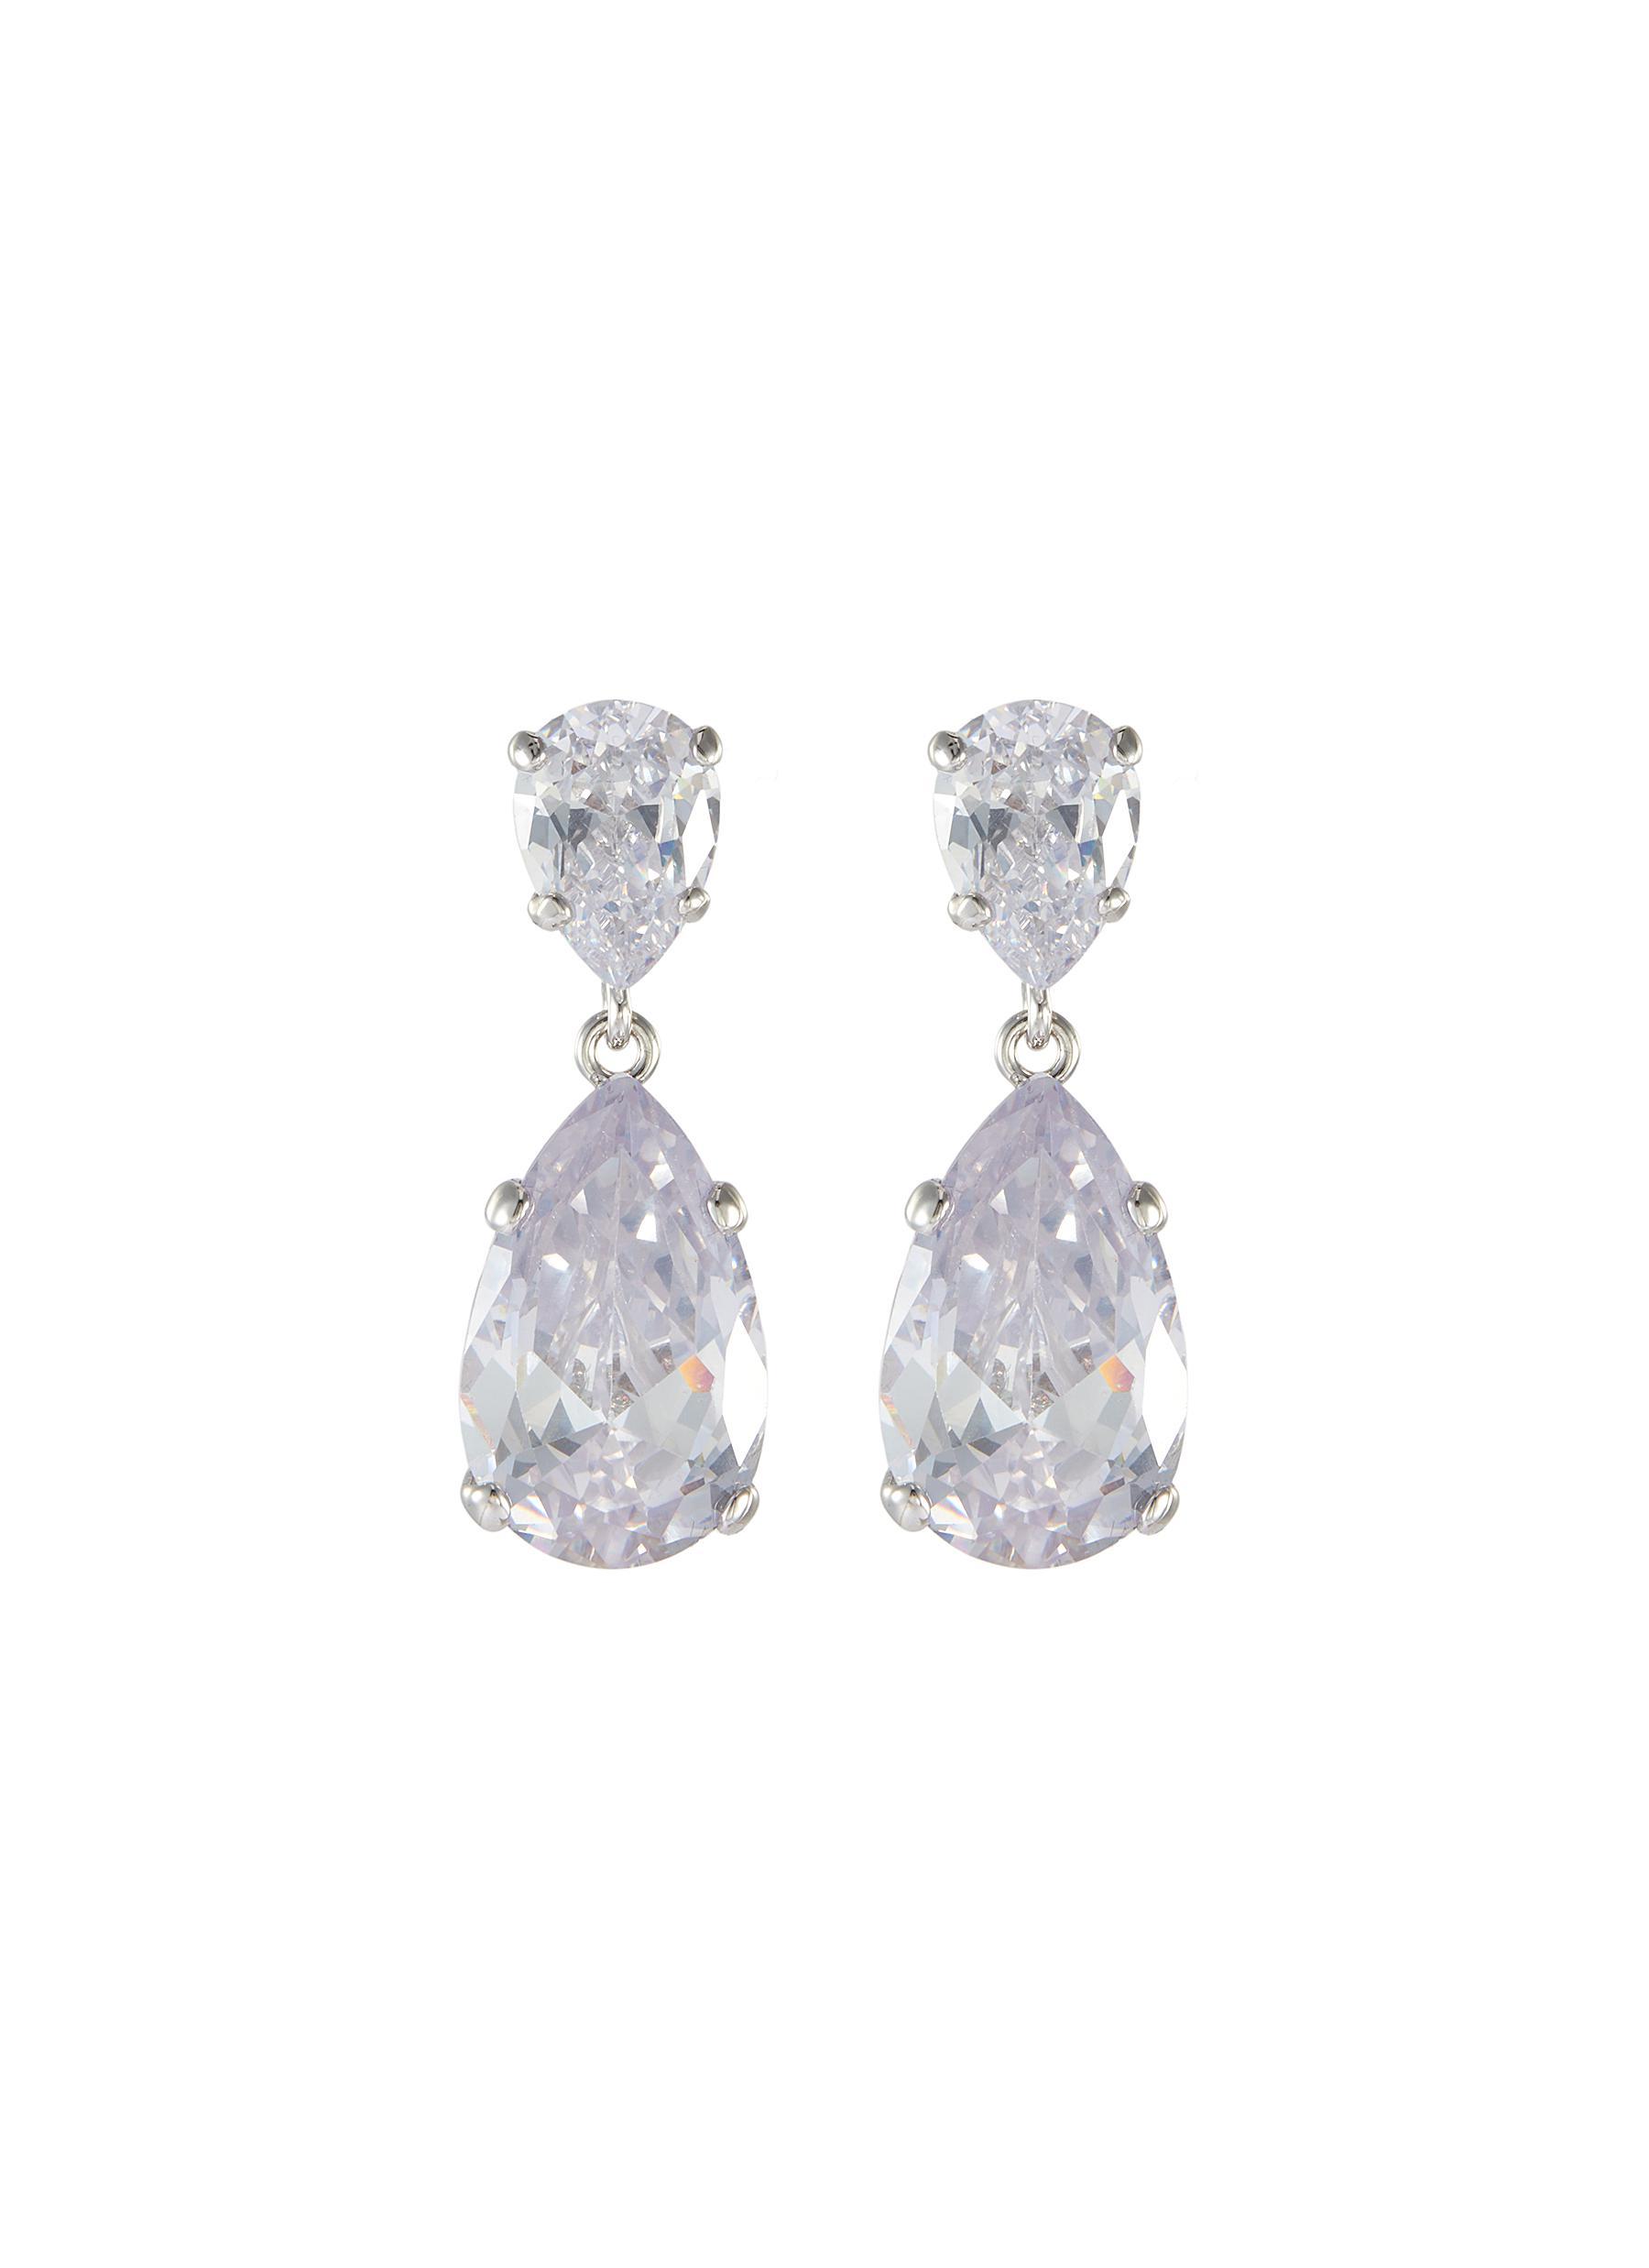 Double pear cut cubic zirconia drop earrings